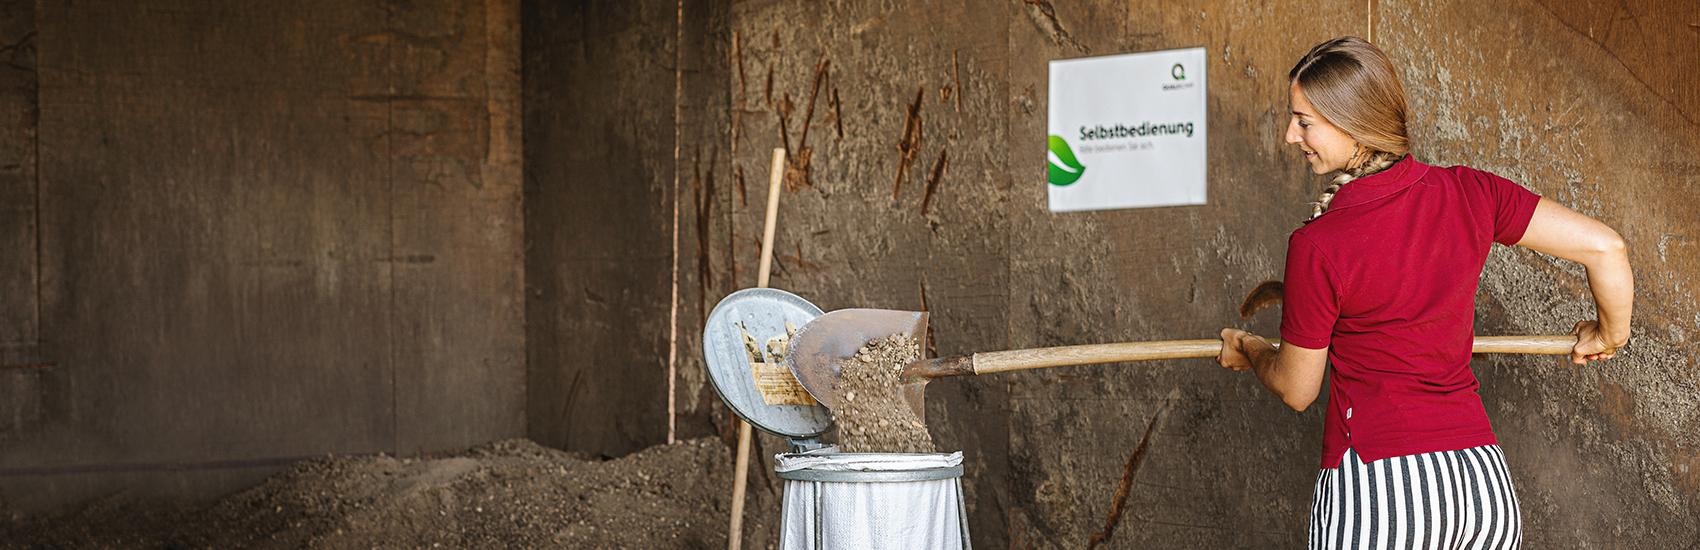 Selbstbedienung vom Qualitätskompost bei der Kompostieranlage in Emmen der Firma Qualikomp AG